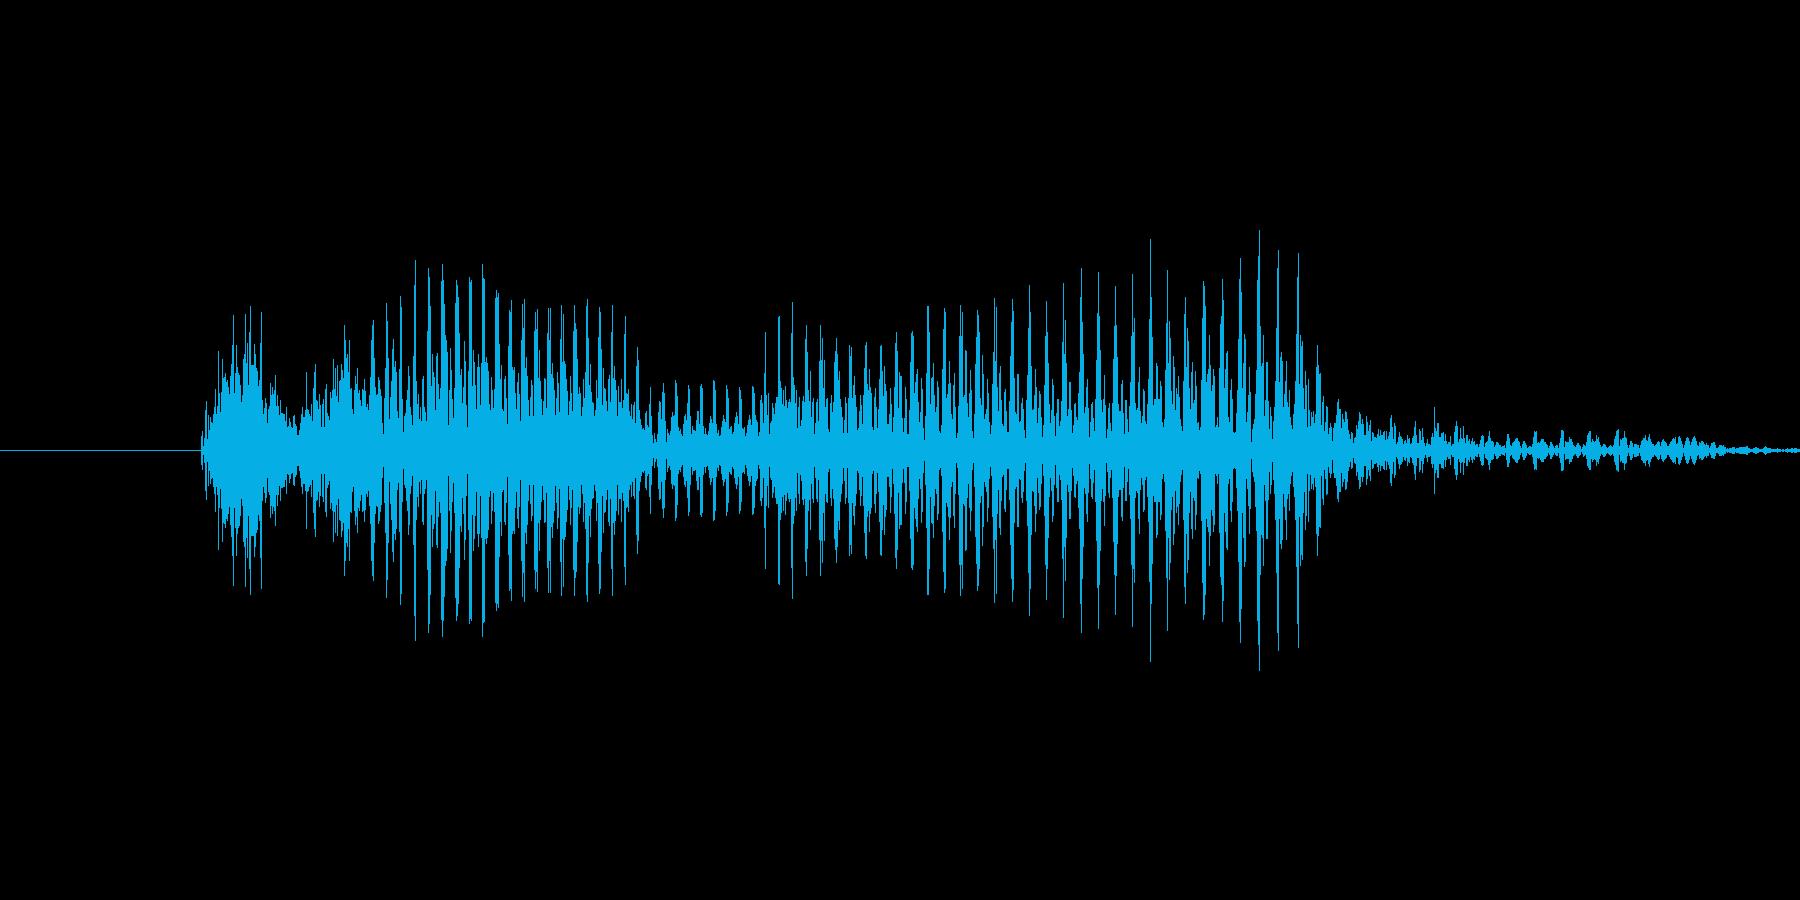 「10 AM」英語発音の再生済みの波形